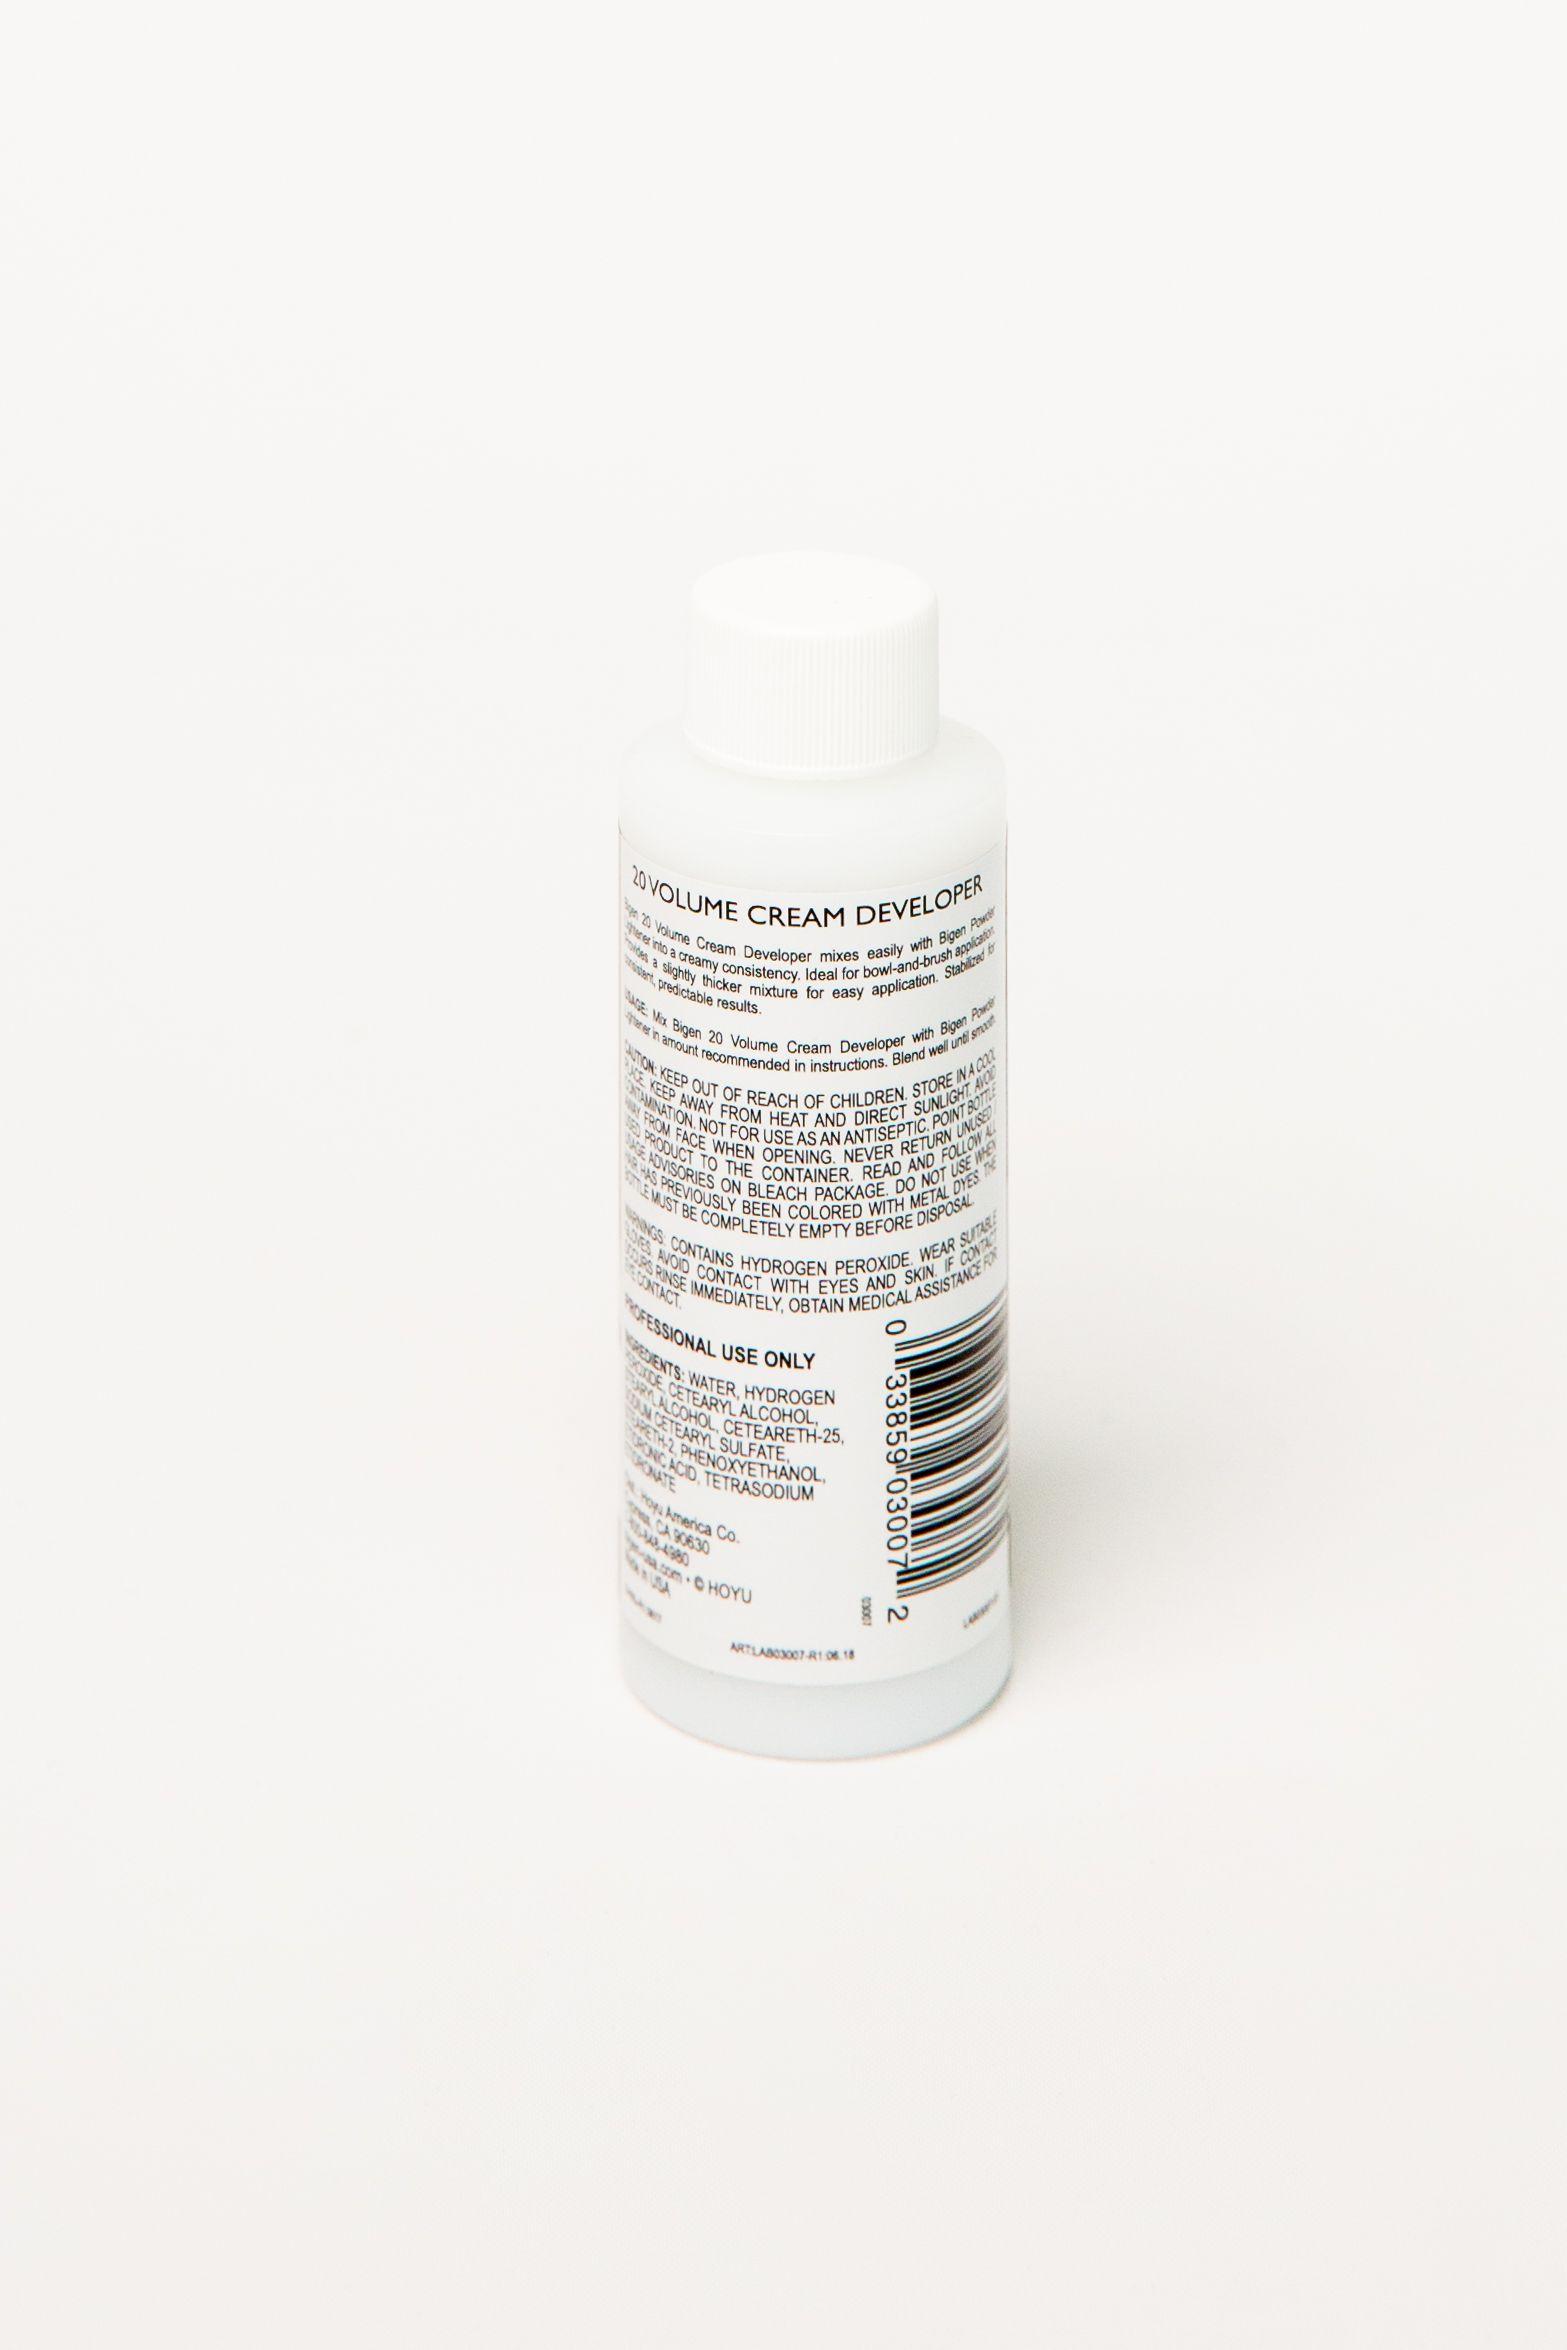 20 Volume Cream Developer How to lighten hair, How to